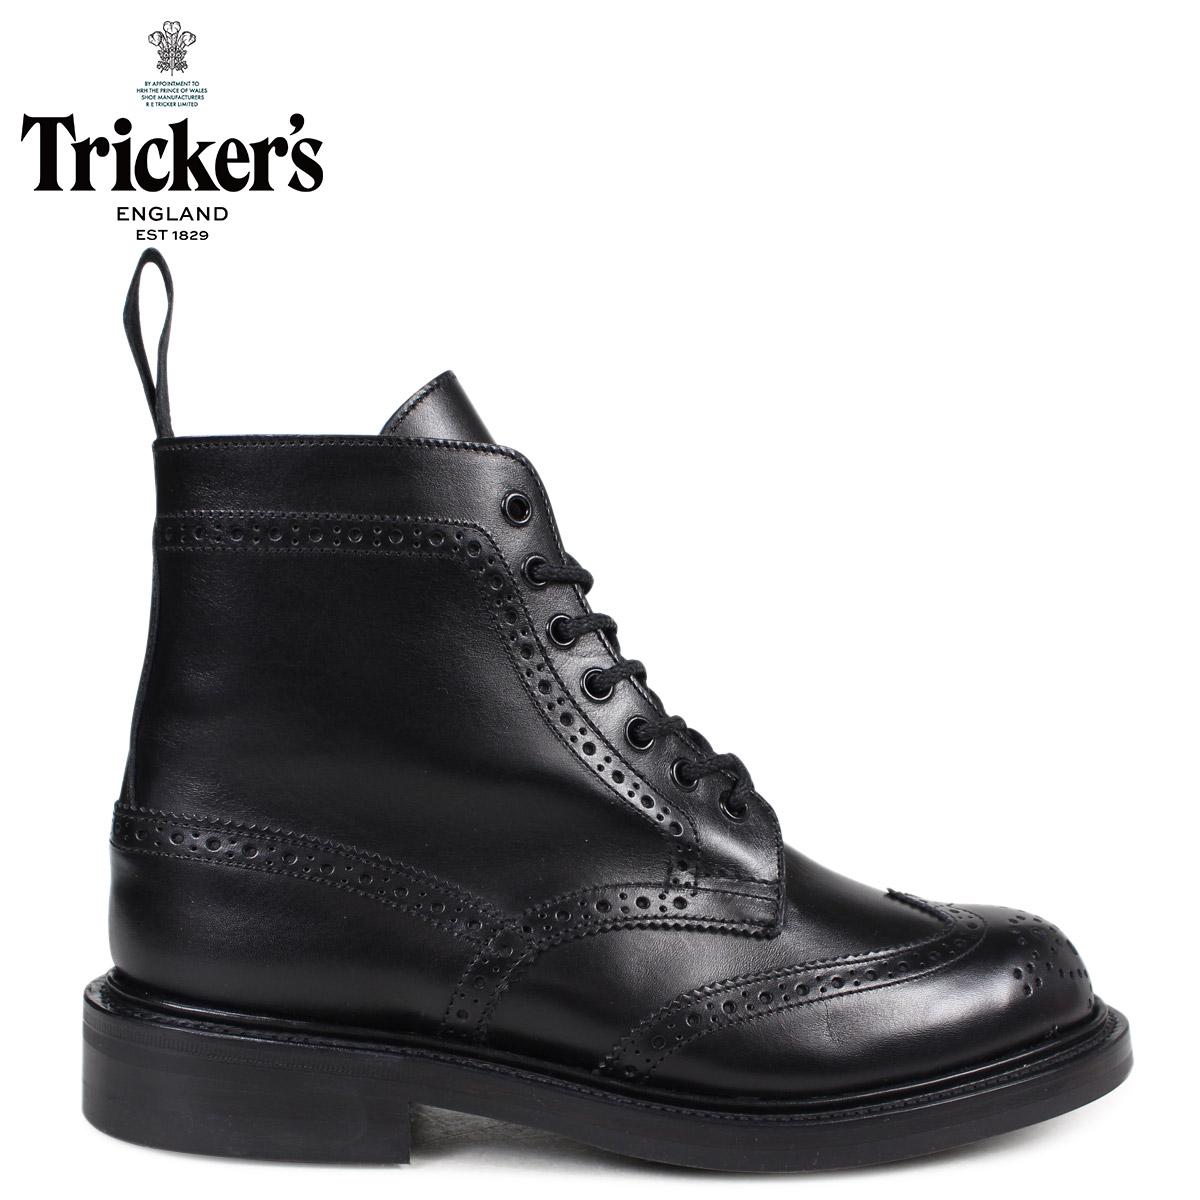 Trickers トリッカーズ レディース カントリーブーツ STEPHY L5676 4ワイズ ブラック 黒